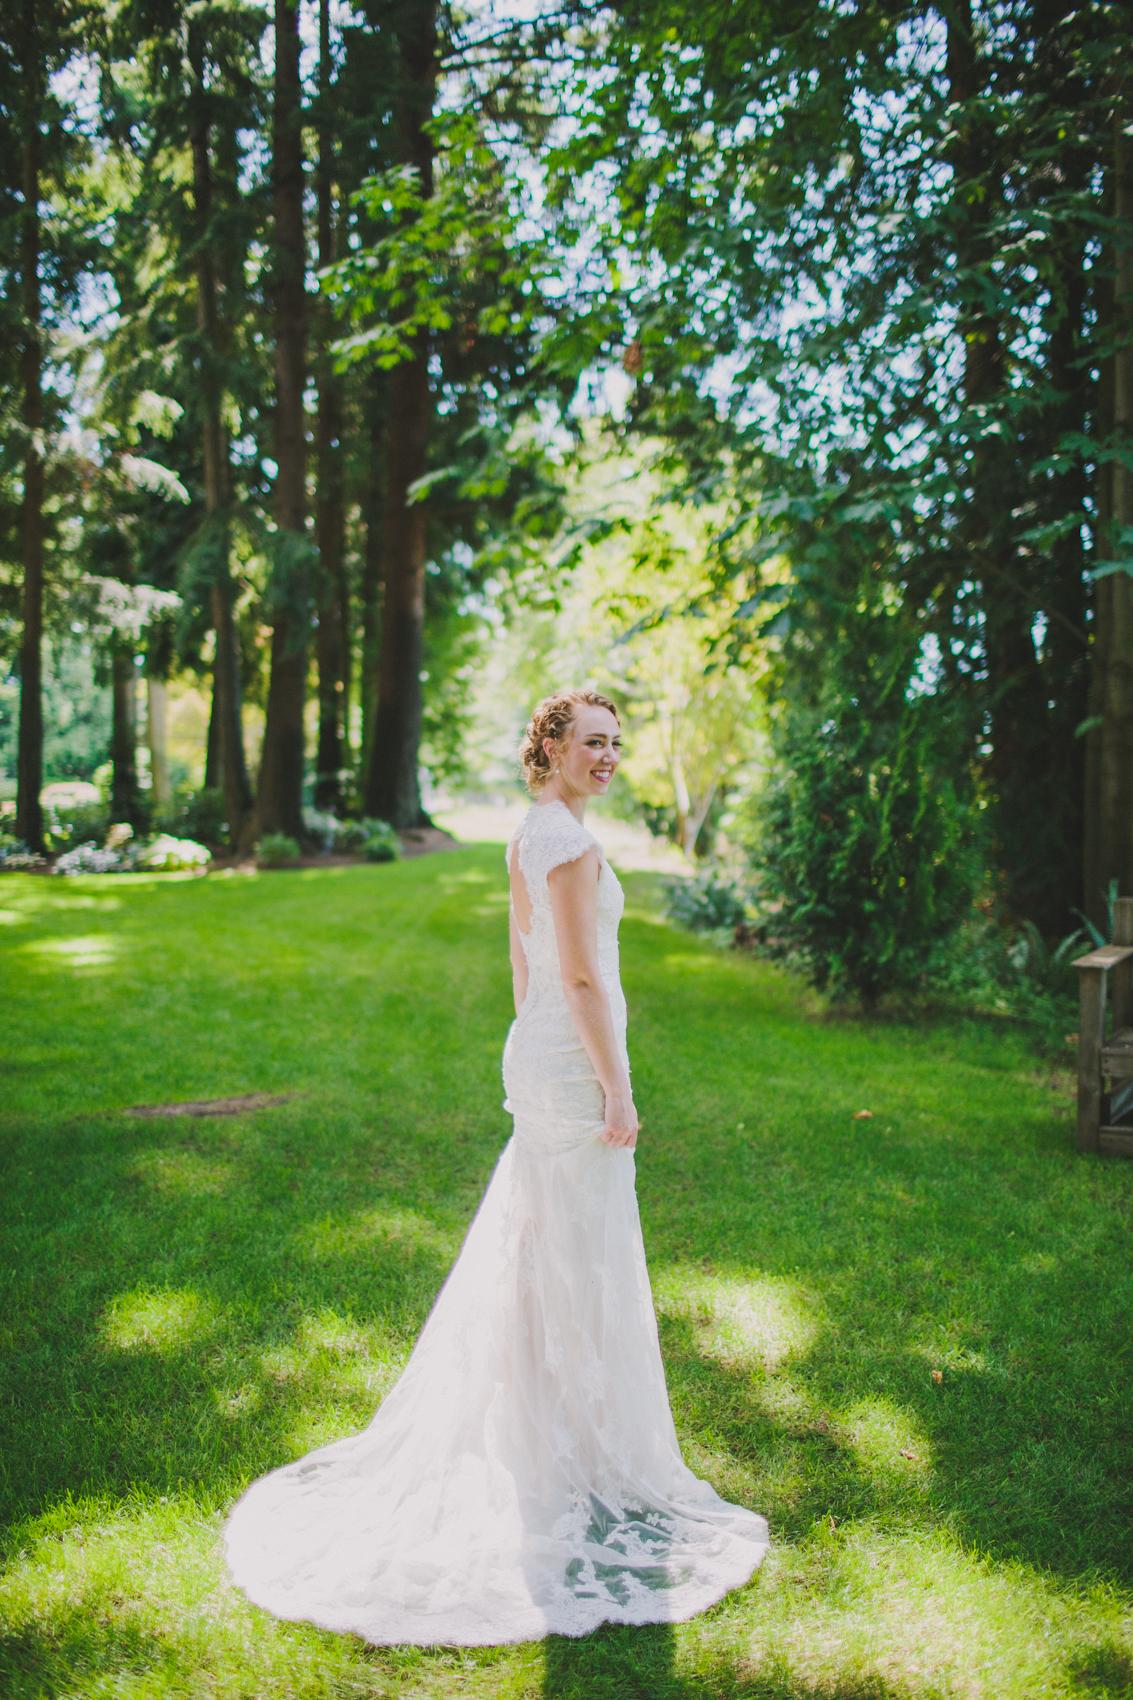 Kelsey tanner blog-38.jpg